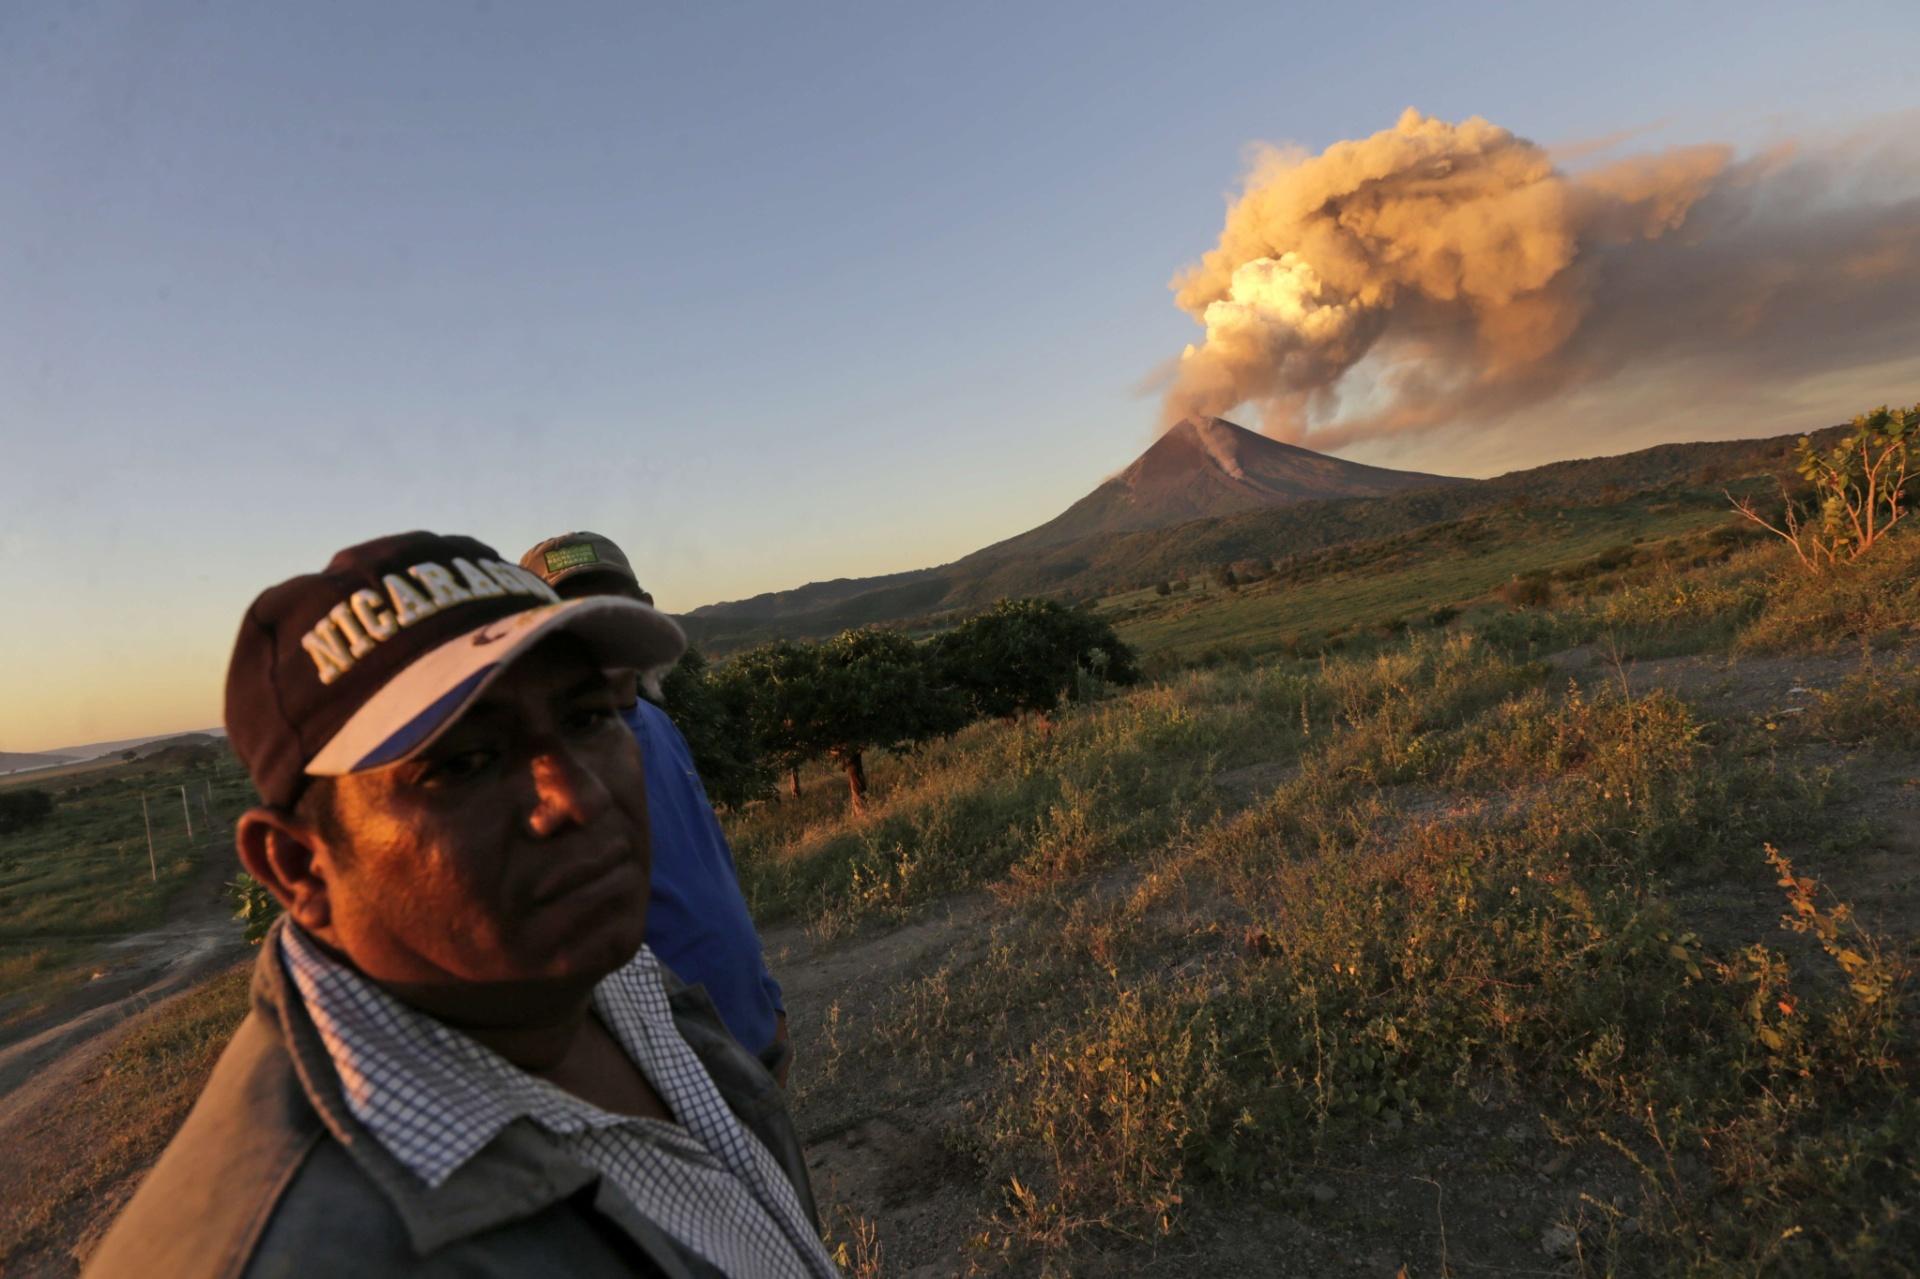 2.dez.2015 - Homem observam o vulcão Momotombo expelindo fumaça e cinzas da comunidade de Papalonal, em León, na Nicarágua. O vulcão, que é o maior do oeste do país, soltou uma coluna de gás e cinzas de um quilômetro de altura na terça-feira (1º), acendendo na população o temor de que o gigante acorde após 110 anos de inatividade